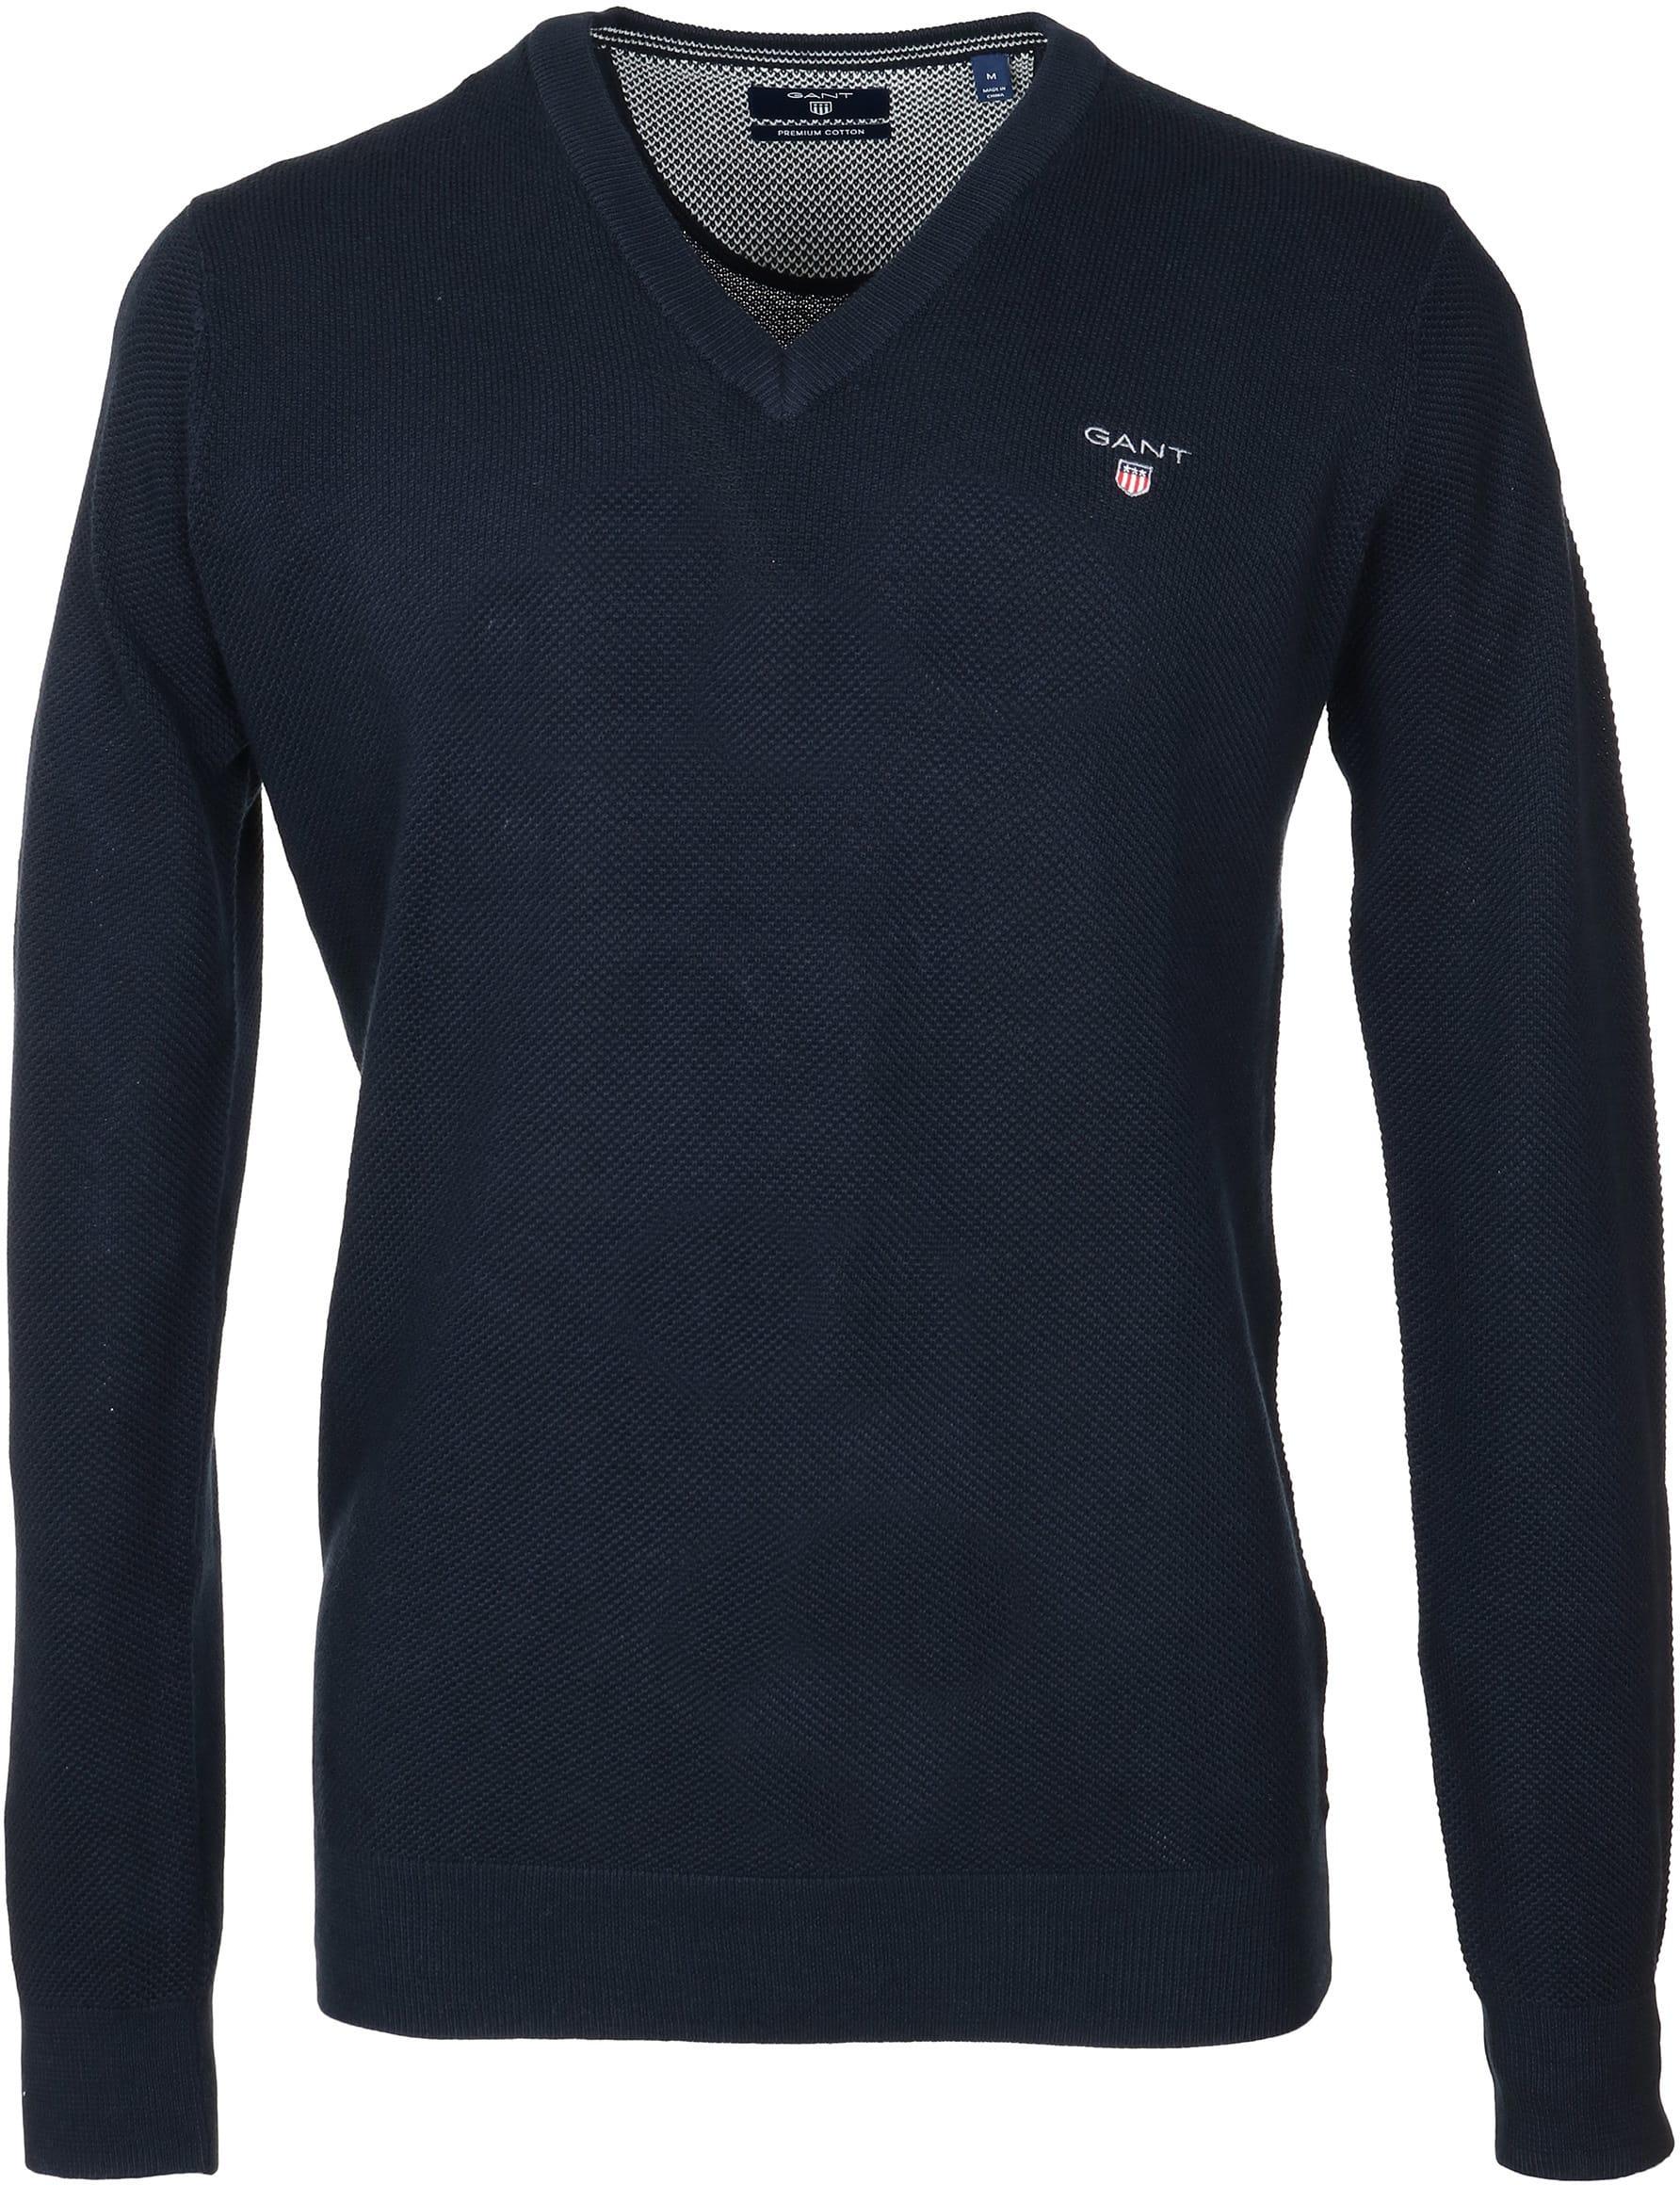 Gant Pullover V-Ausschnitt Dunkelblau foto 0